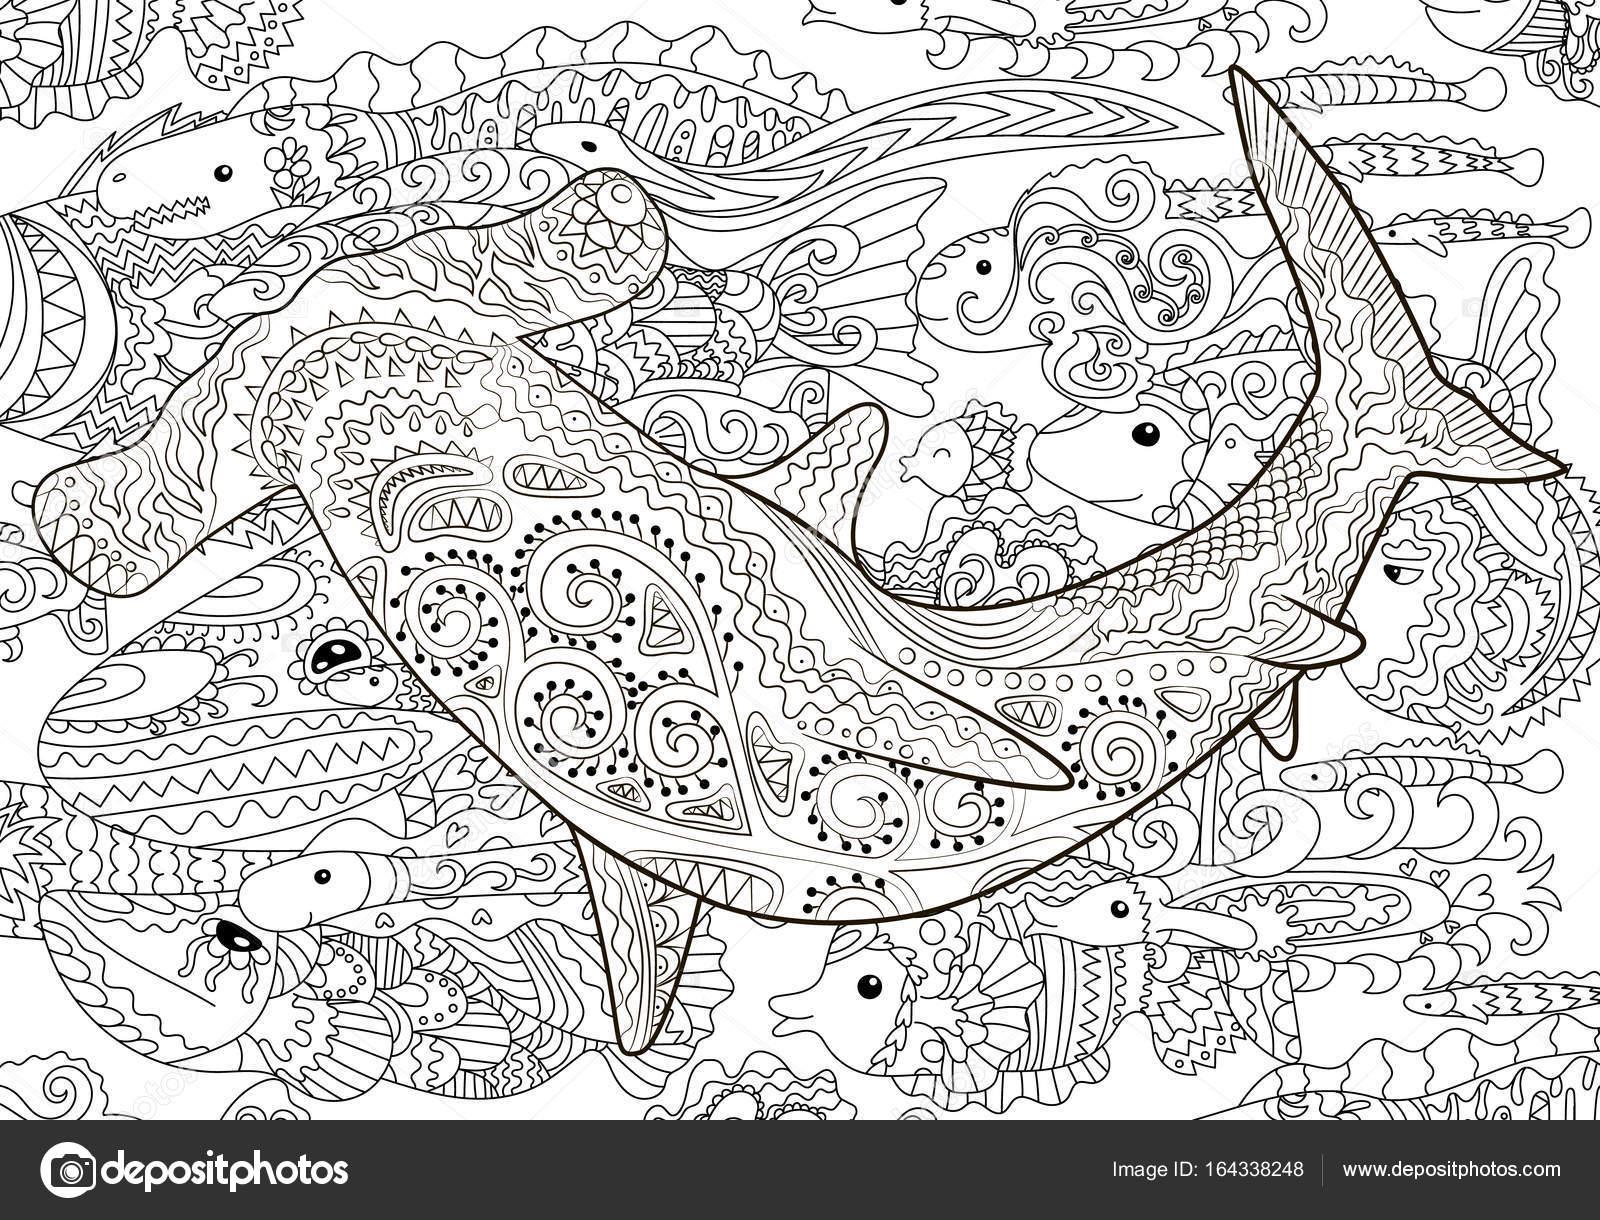 Hammerhai mit hohen details — Stockvektor © Lezhepyoka #164338248